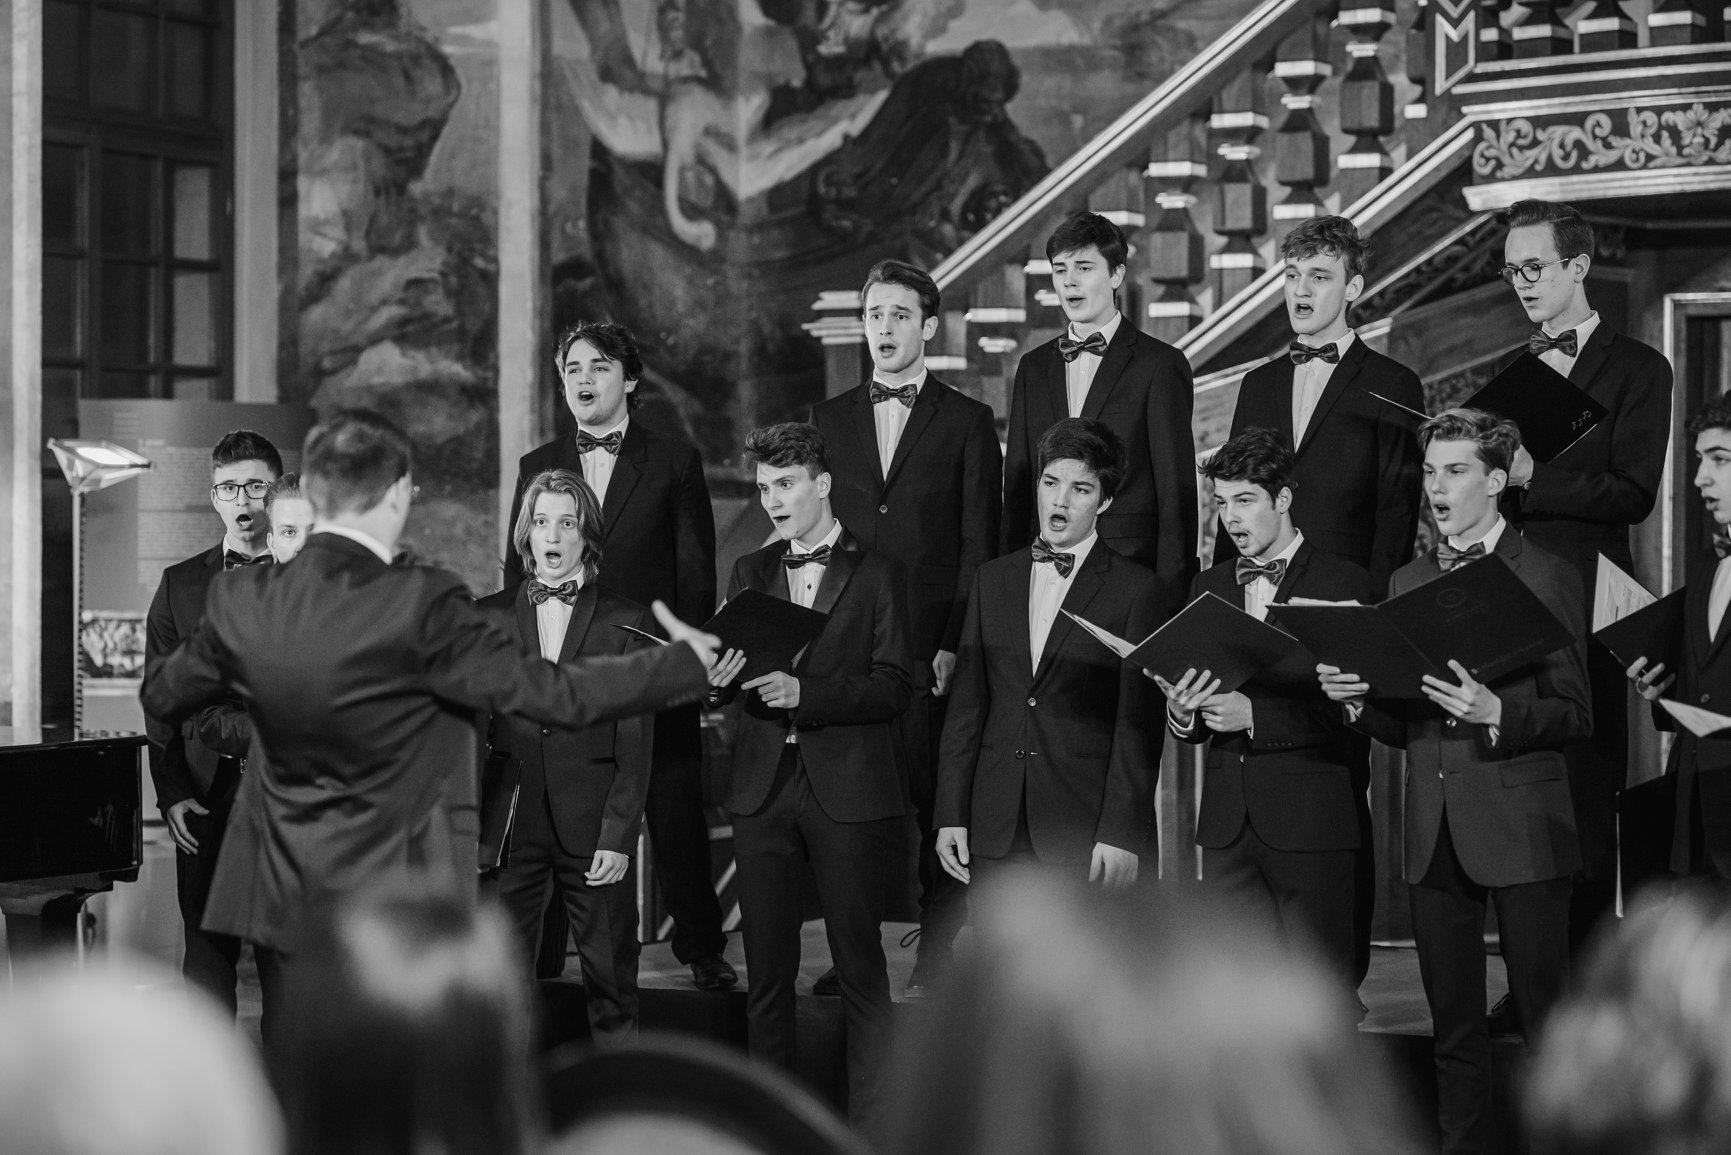 Nika Kink, Slovenija/Slovenia: Objemi to, kar ljubiš zdaj, 2020, Vokalna skupina Ivana Cankarja, Slovenija / Embrace what you now love, 2020, Vocal group Ivan Cankar, Slovenia